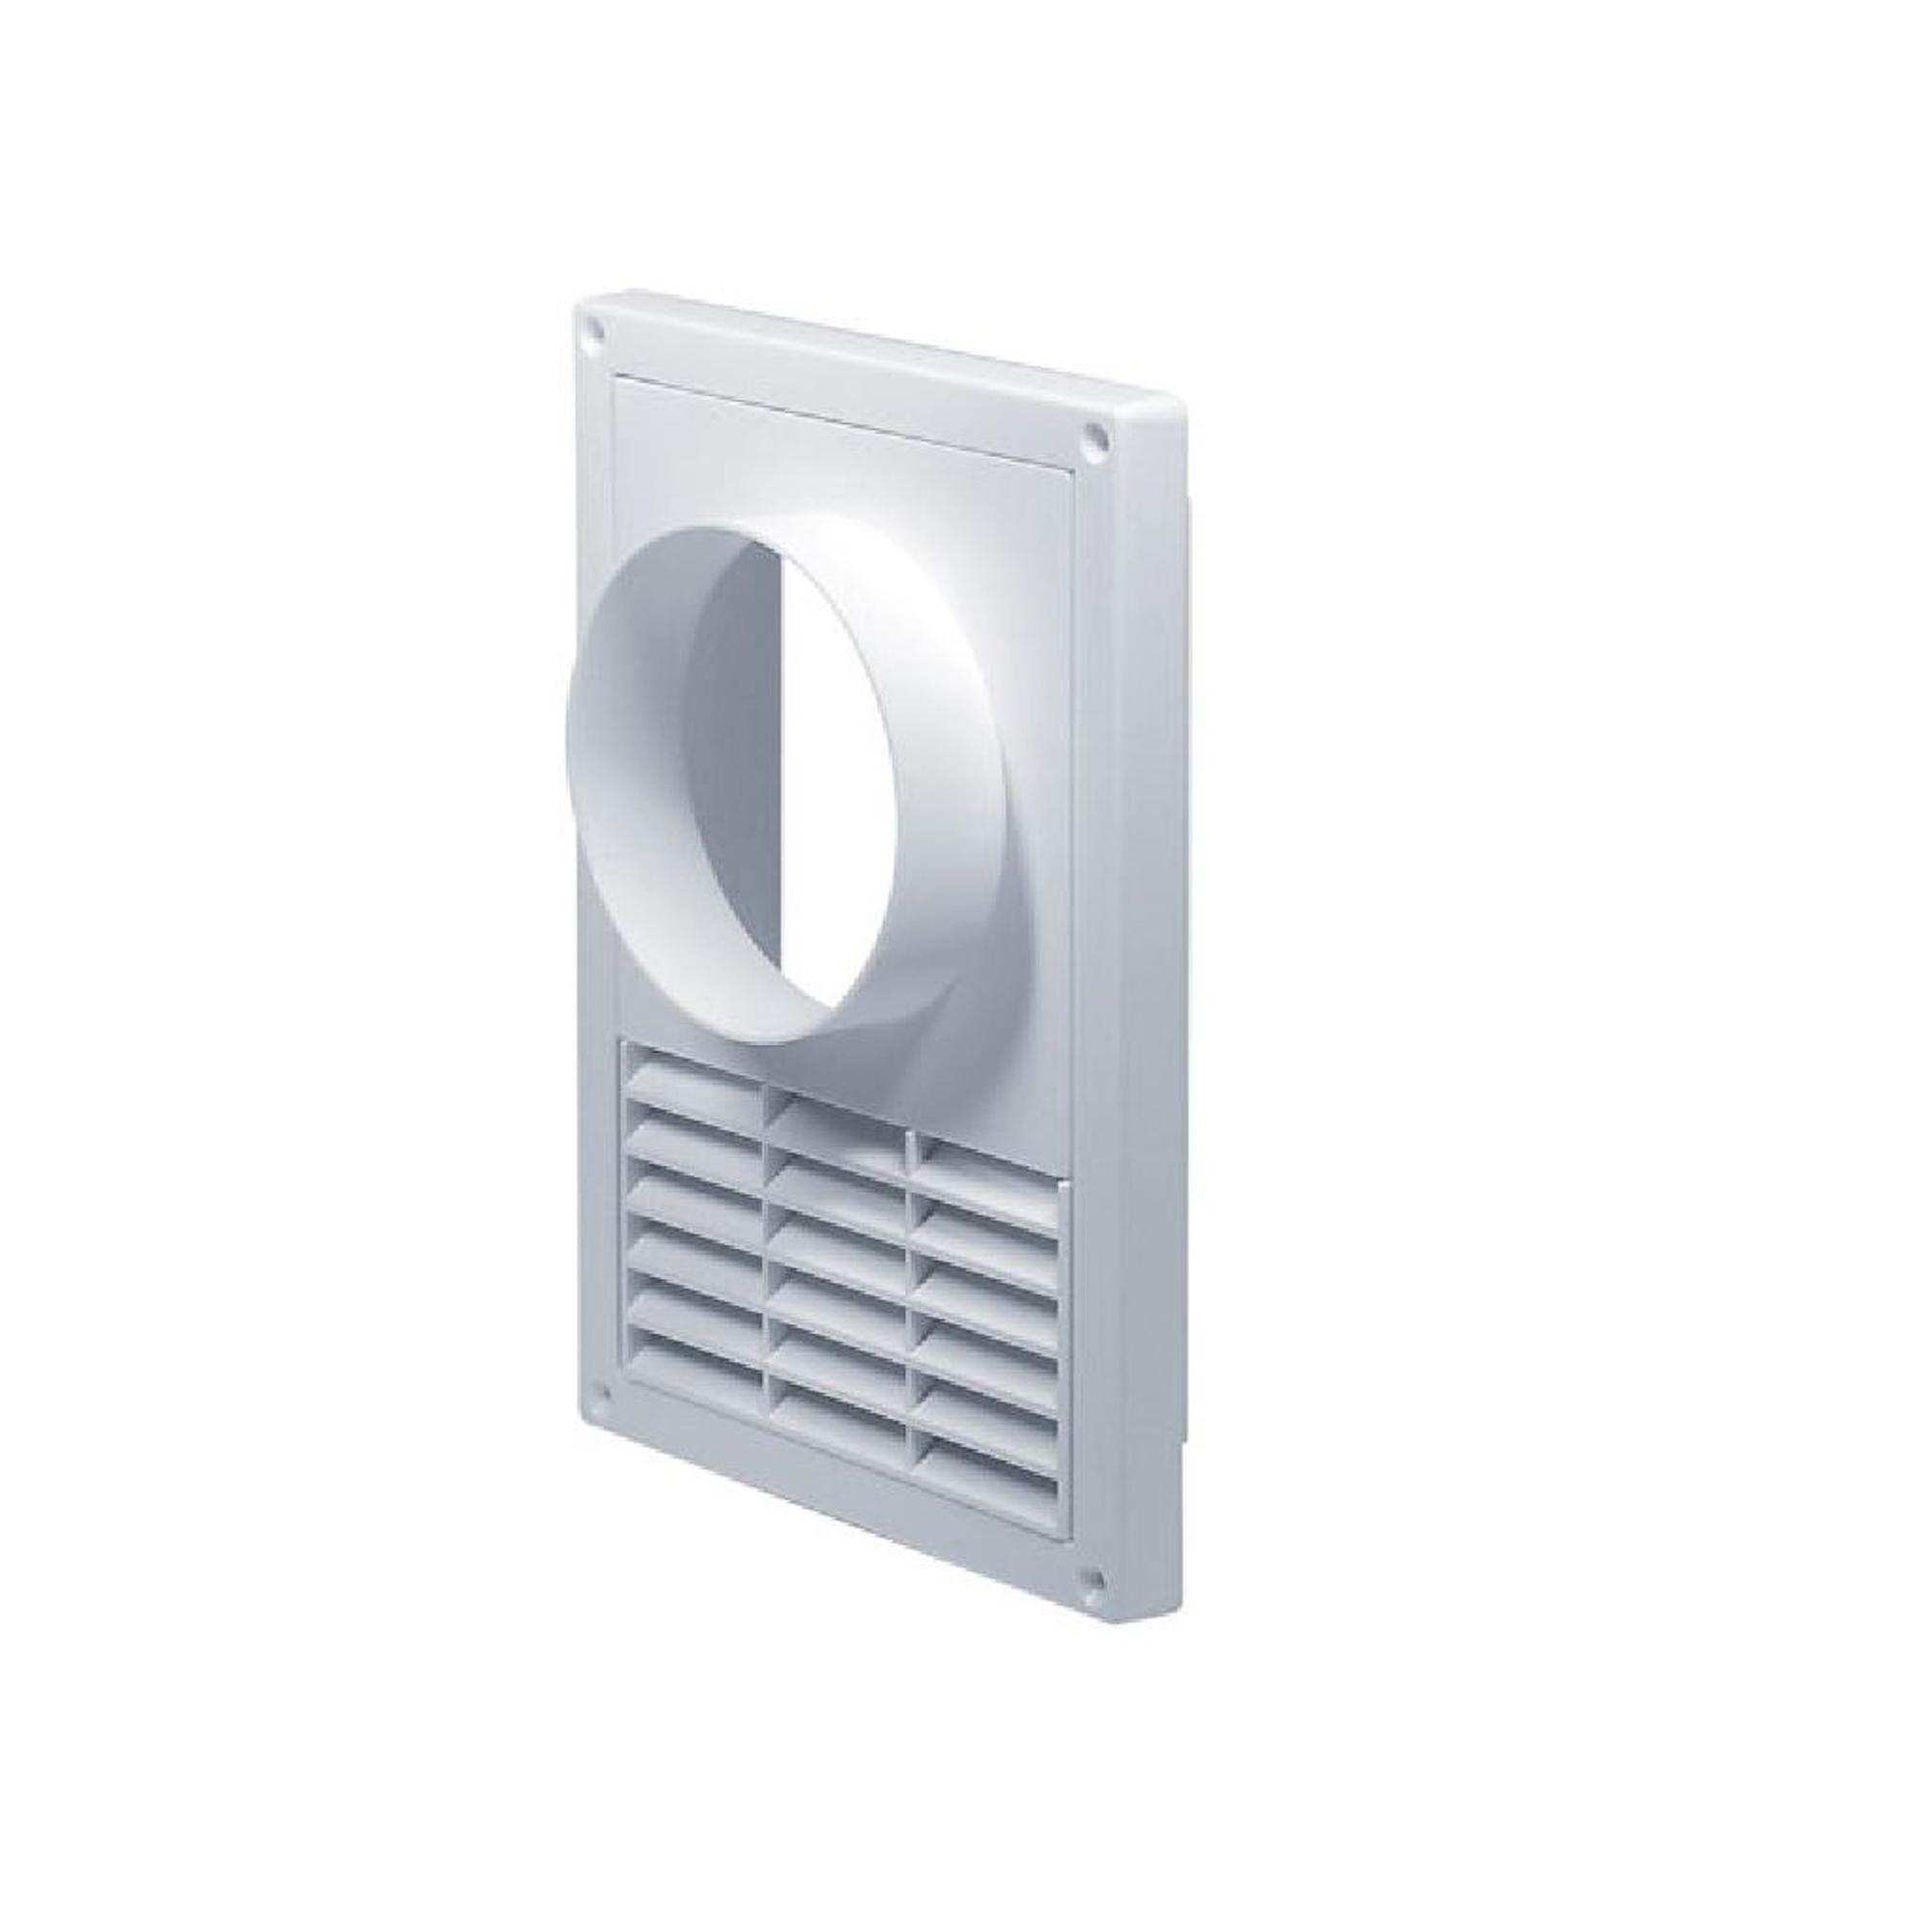 решетка дверная вентиляционная awenta t 73 d45 мм цвет коричневый 2 шт Решетка вентиляционная T-68. 16х23. Фланец. D=100 AWENTA